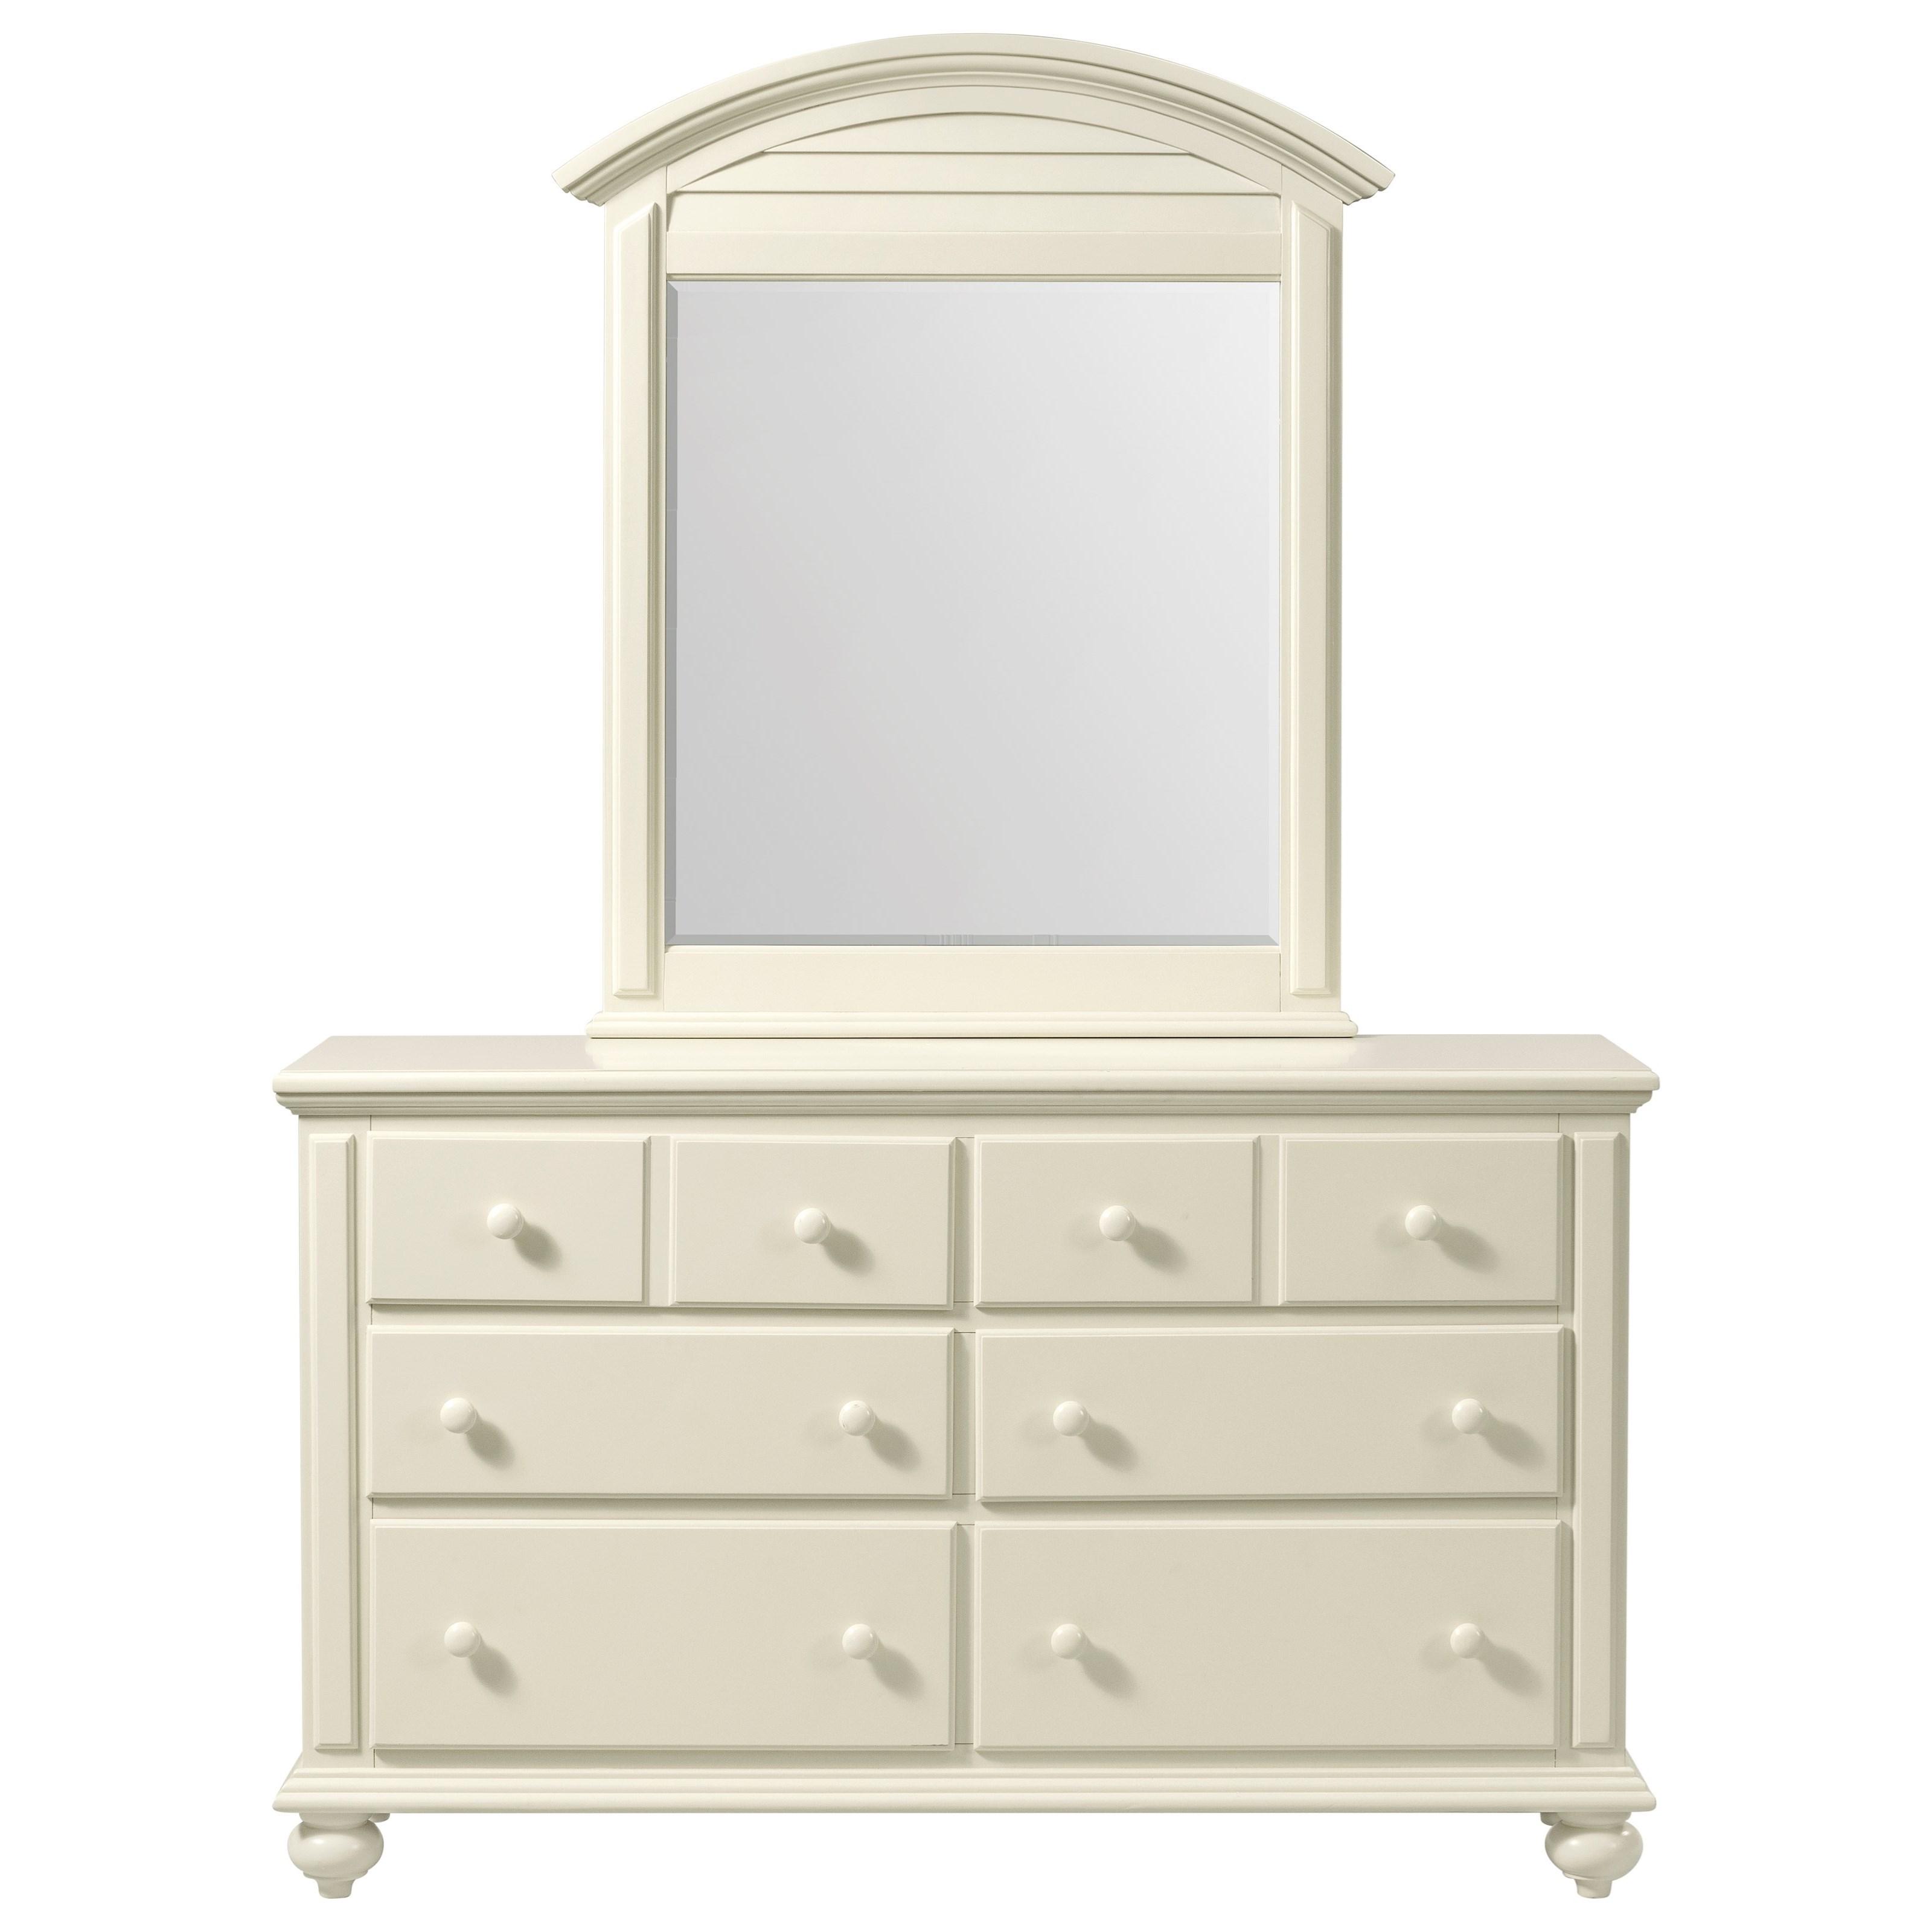 Coastal Cottage Drawer Dresser by Stillwater Furniture at Baer's Furniture